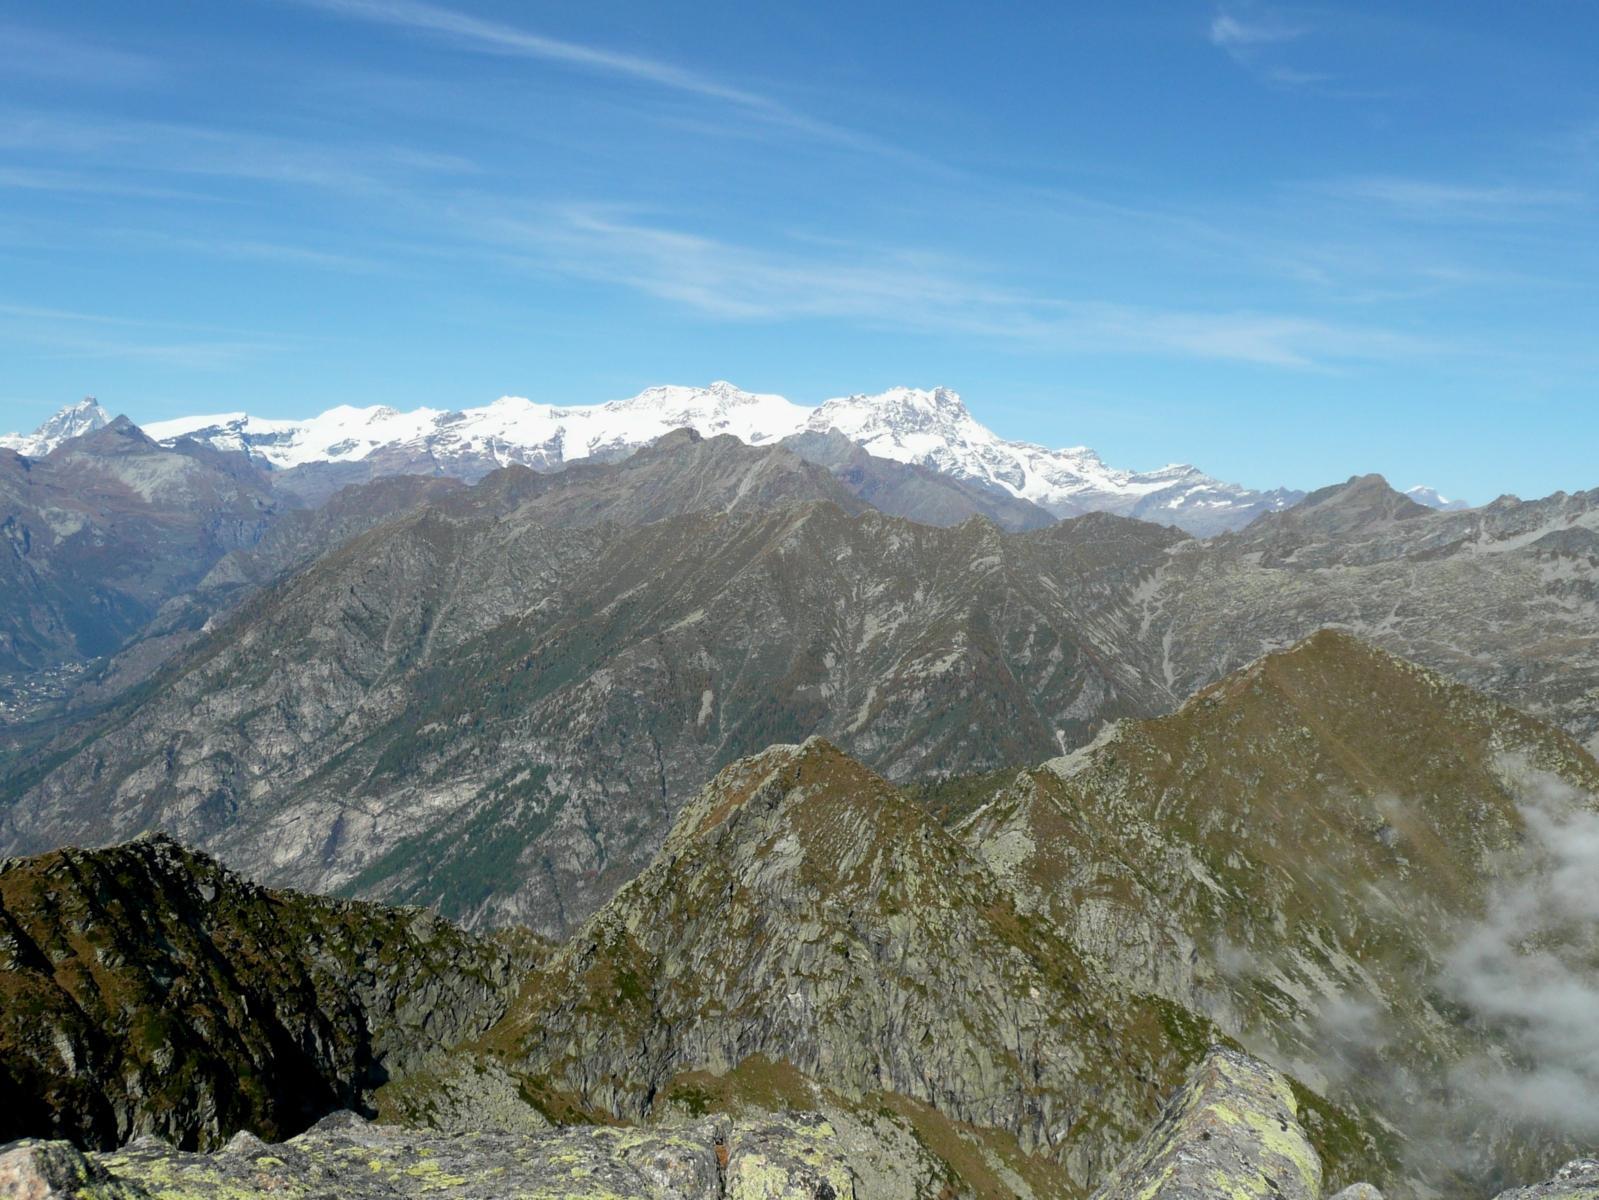 in basso al centro la Punta della Vecchia e a destra la Chaparelle, all'orizzonte l'intero gruppo del Rosa fino al Cervino